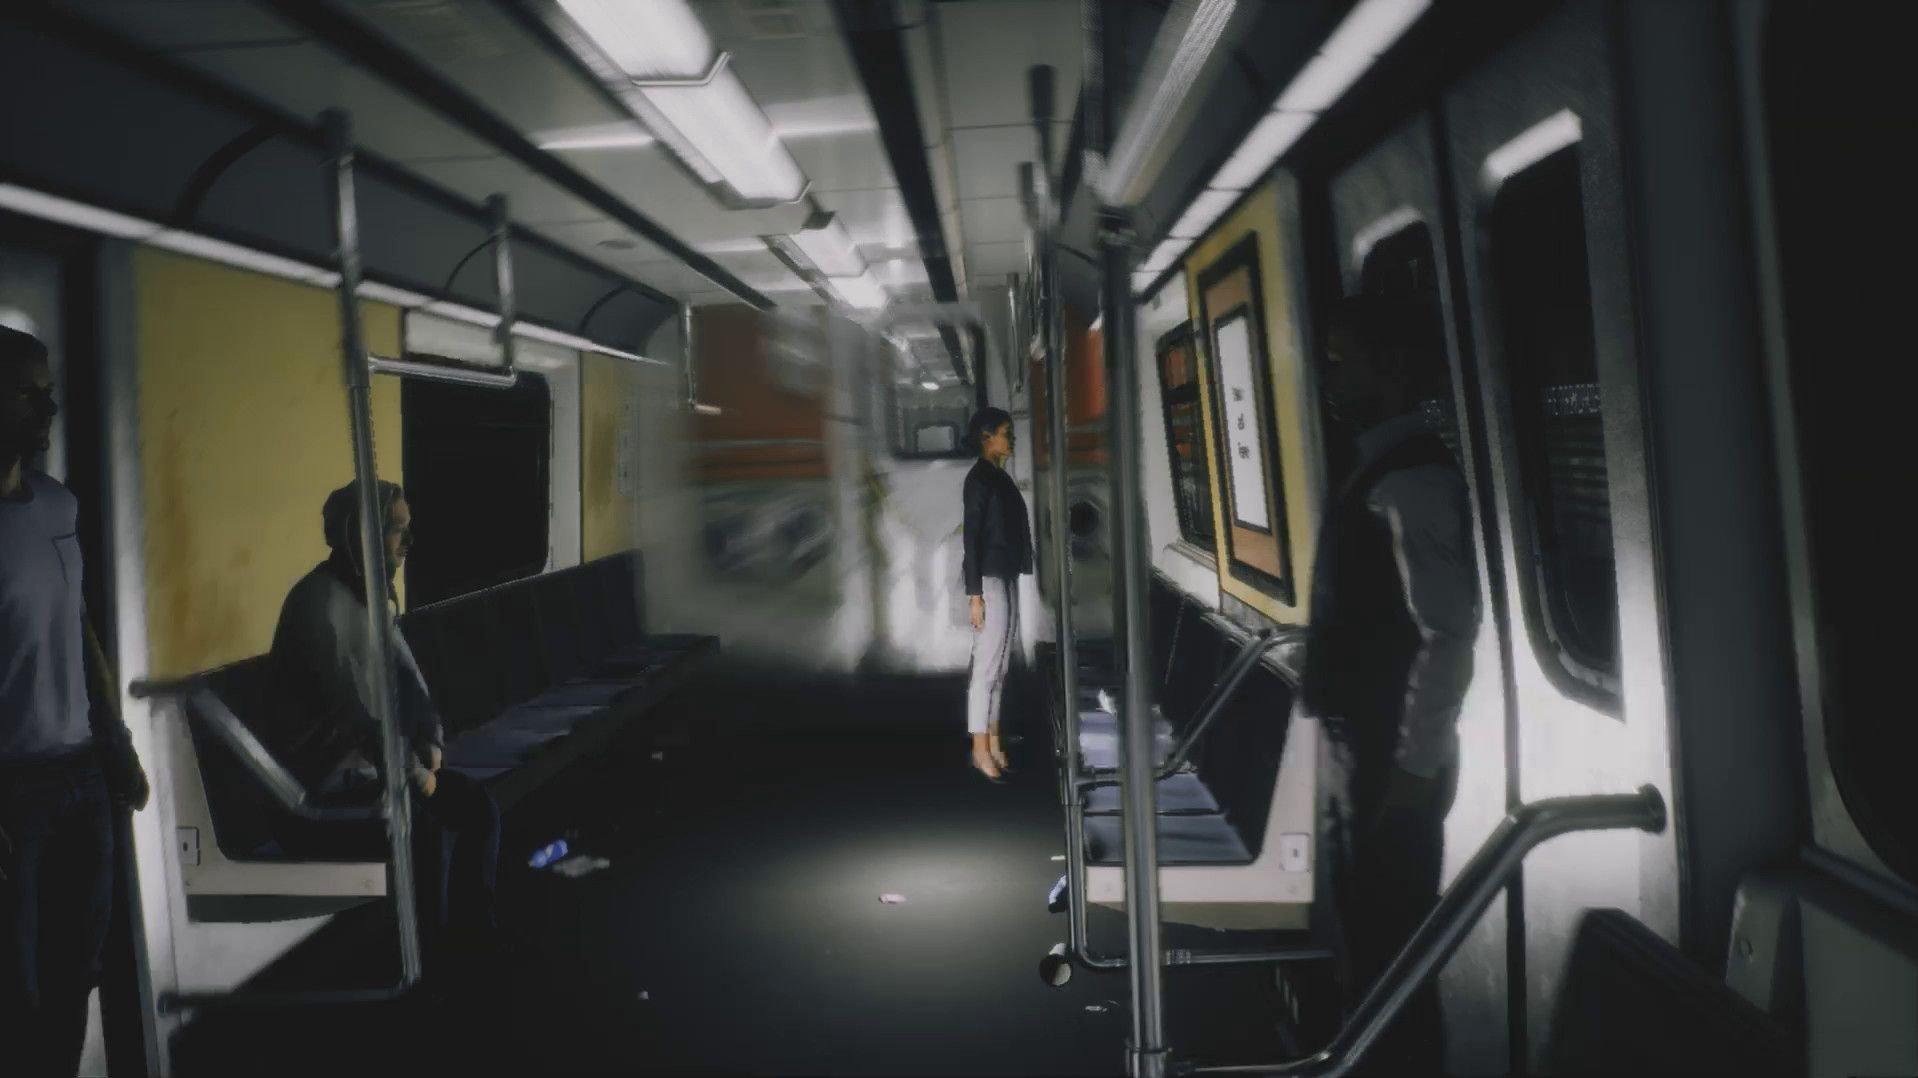 网上兼职录单是真的吗,地铁爆炸模拟器